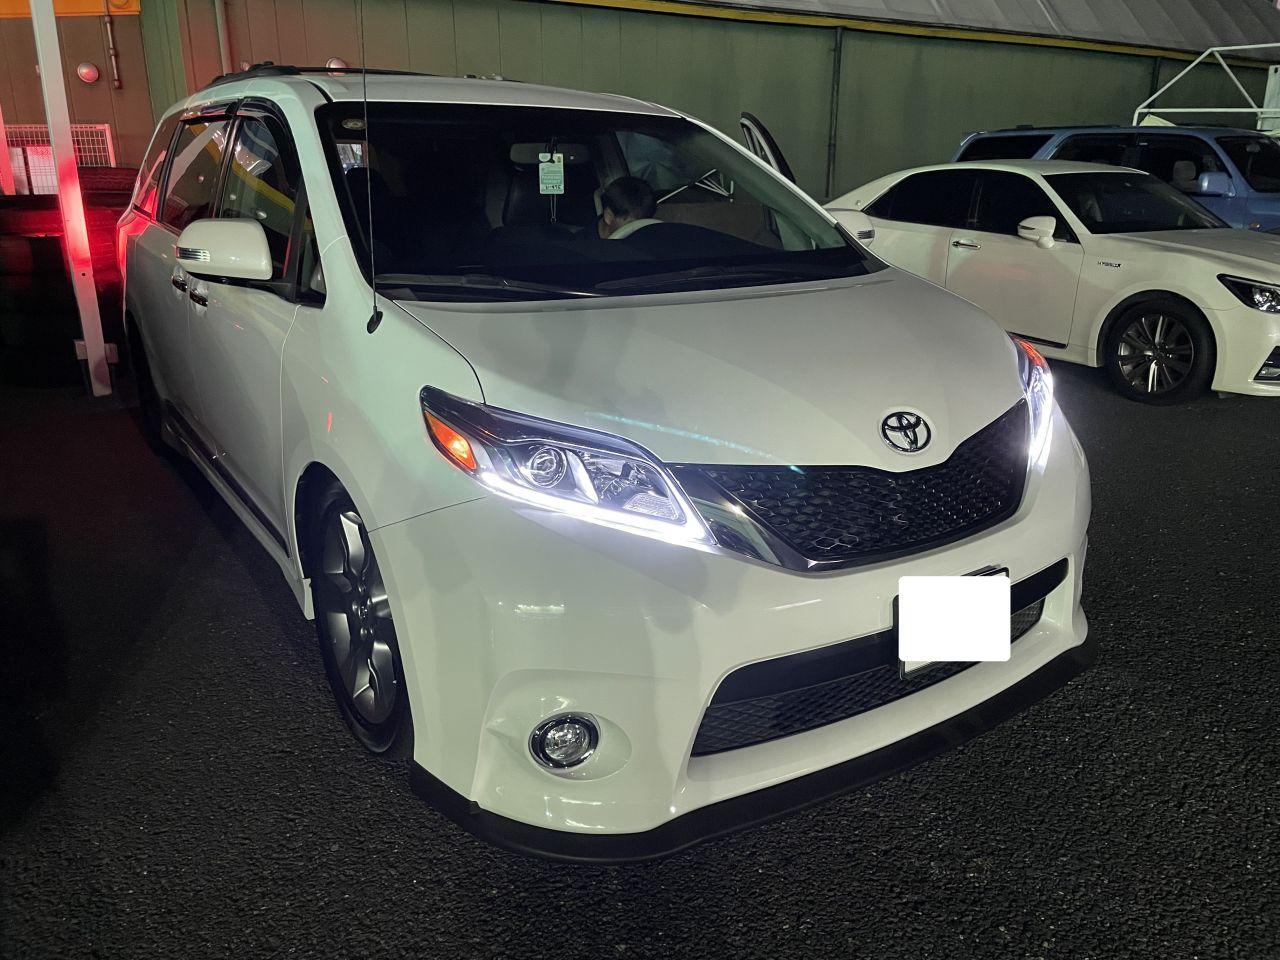 シエナ アメリカモデル 新車並行 custom USトヨタ 専門店 ヘッドライト 交換社外 デイライト USDM